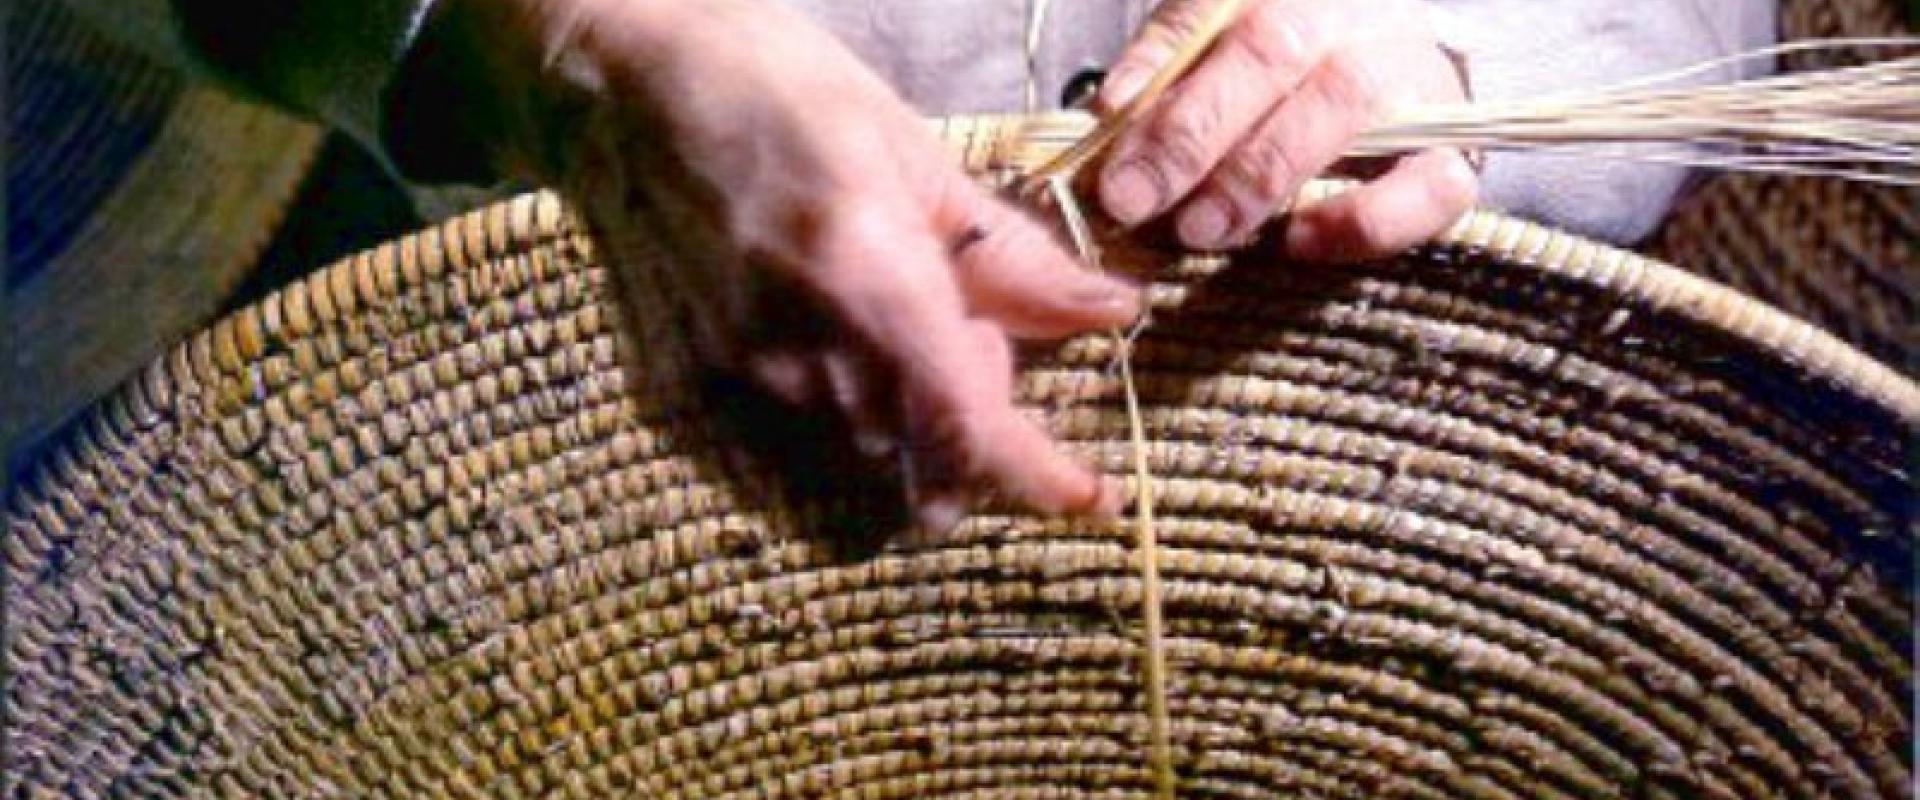 Baskets sardinia